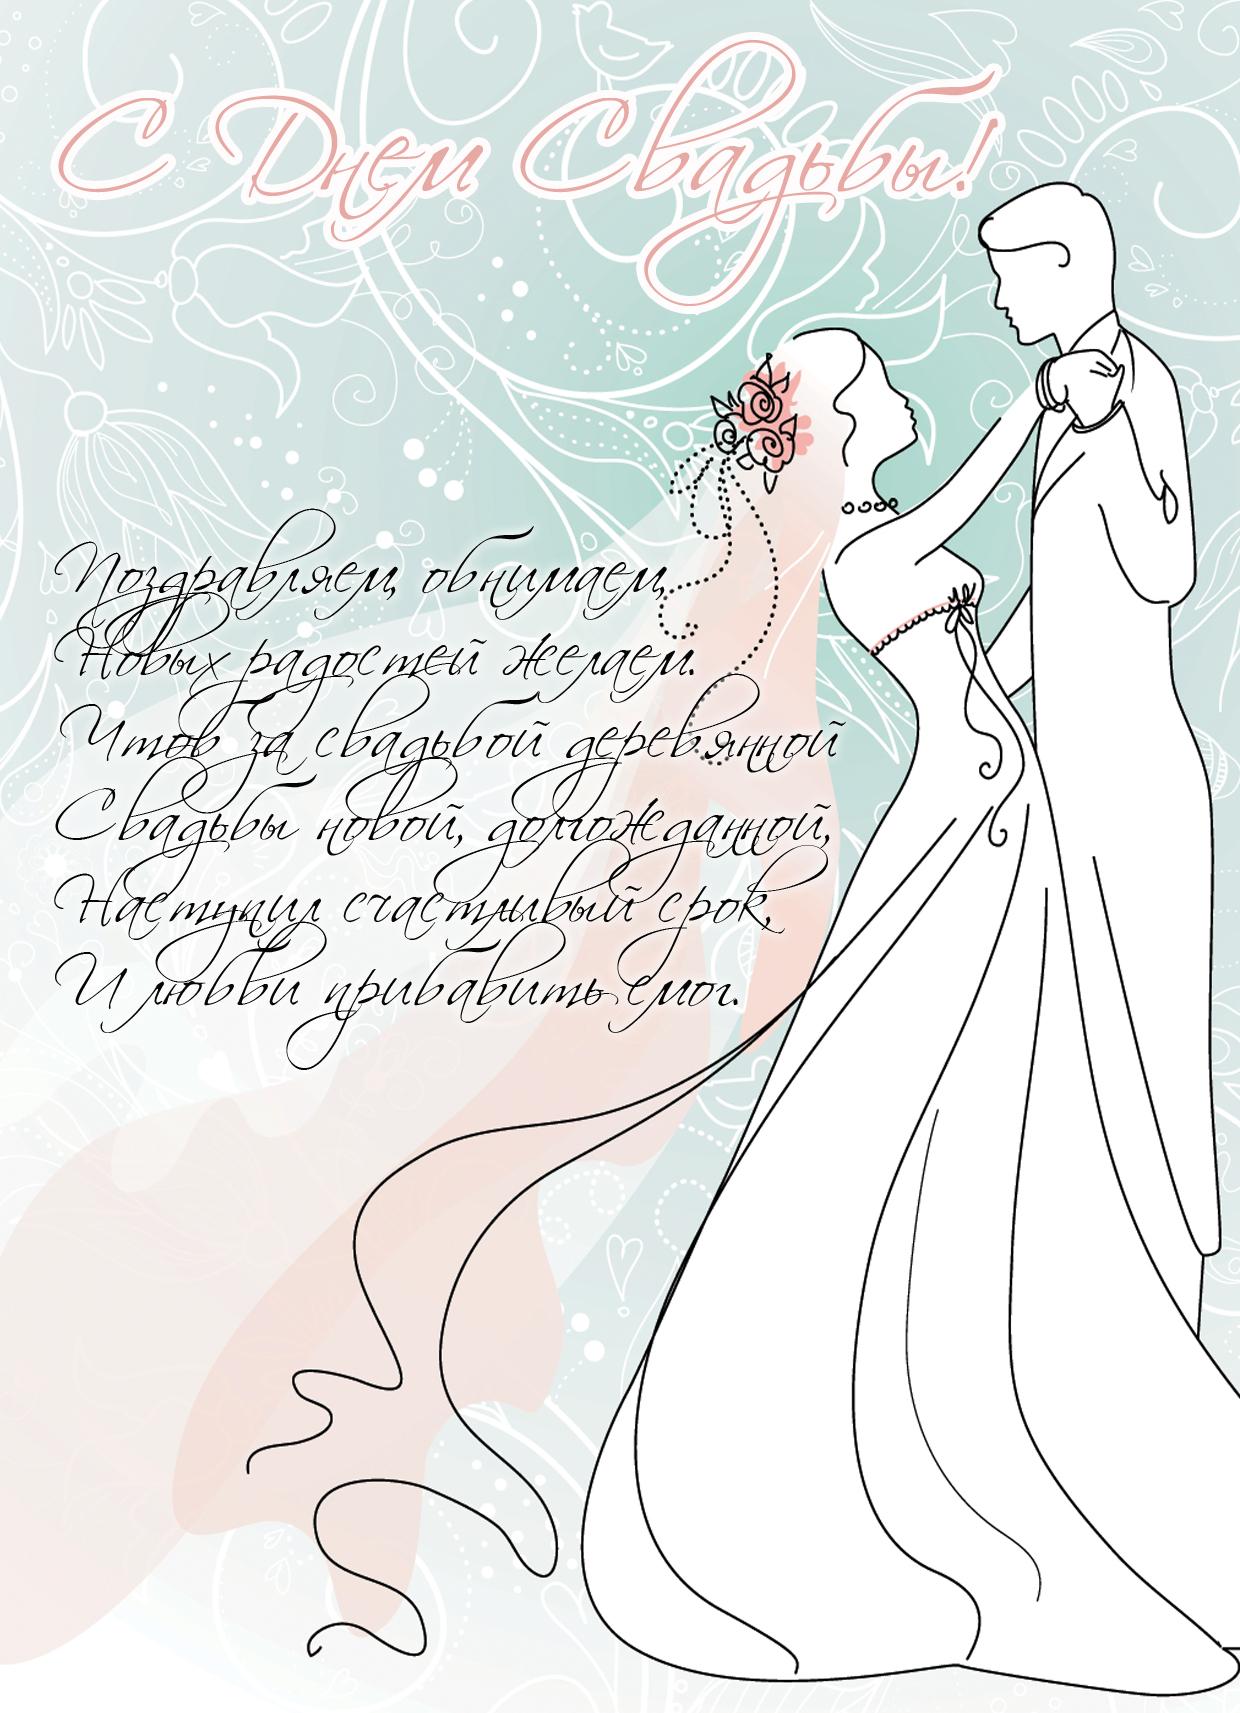 поздравление для свадебной открытки креативное было